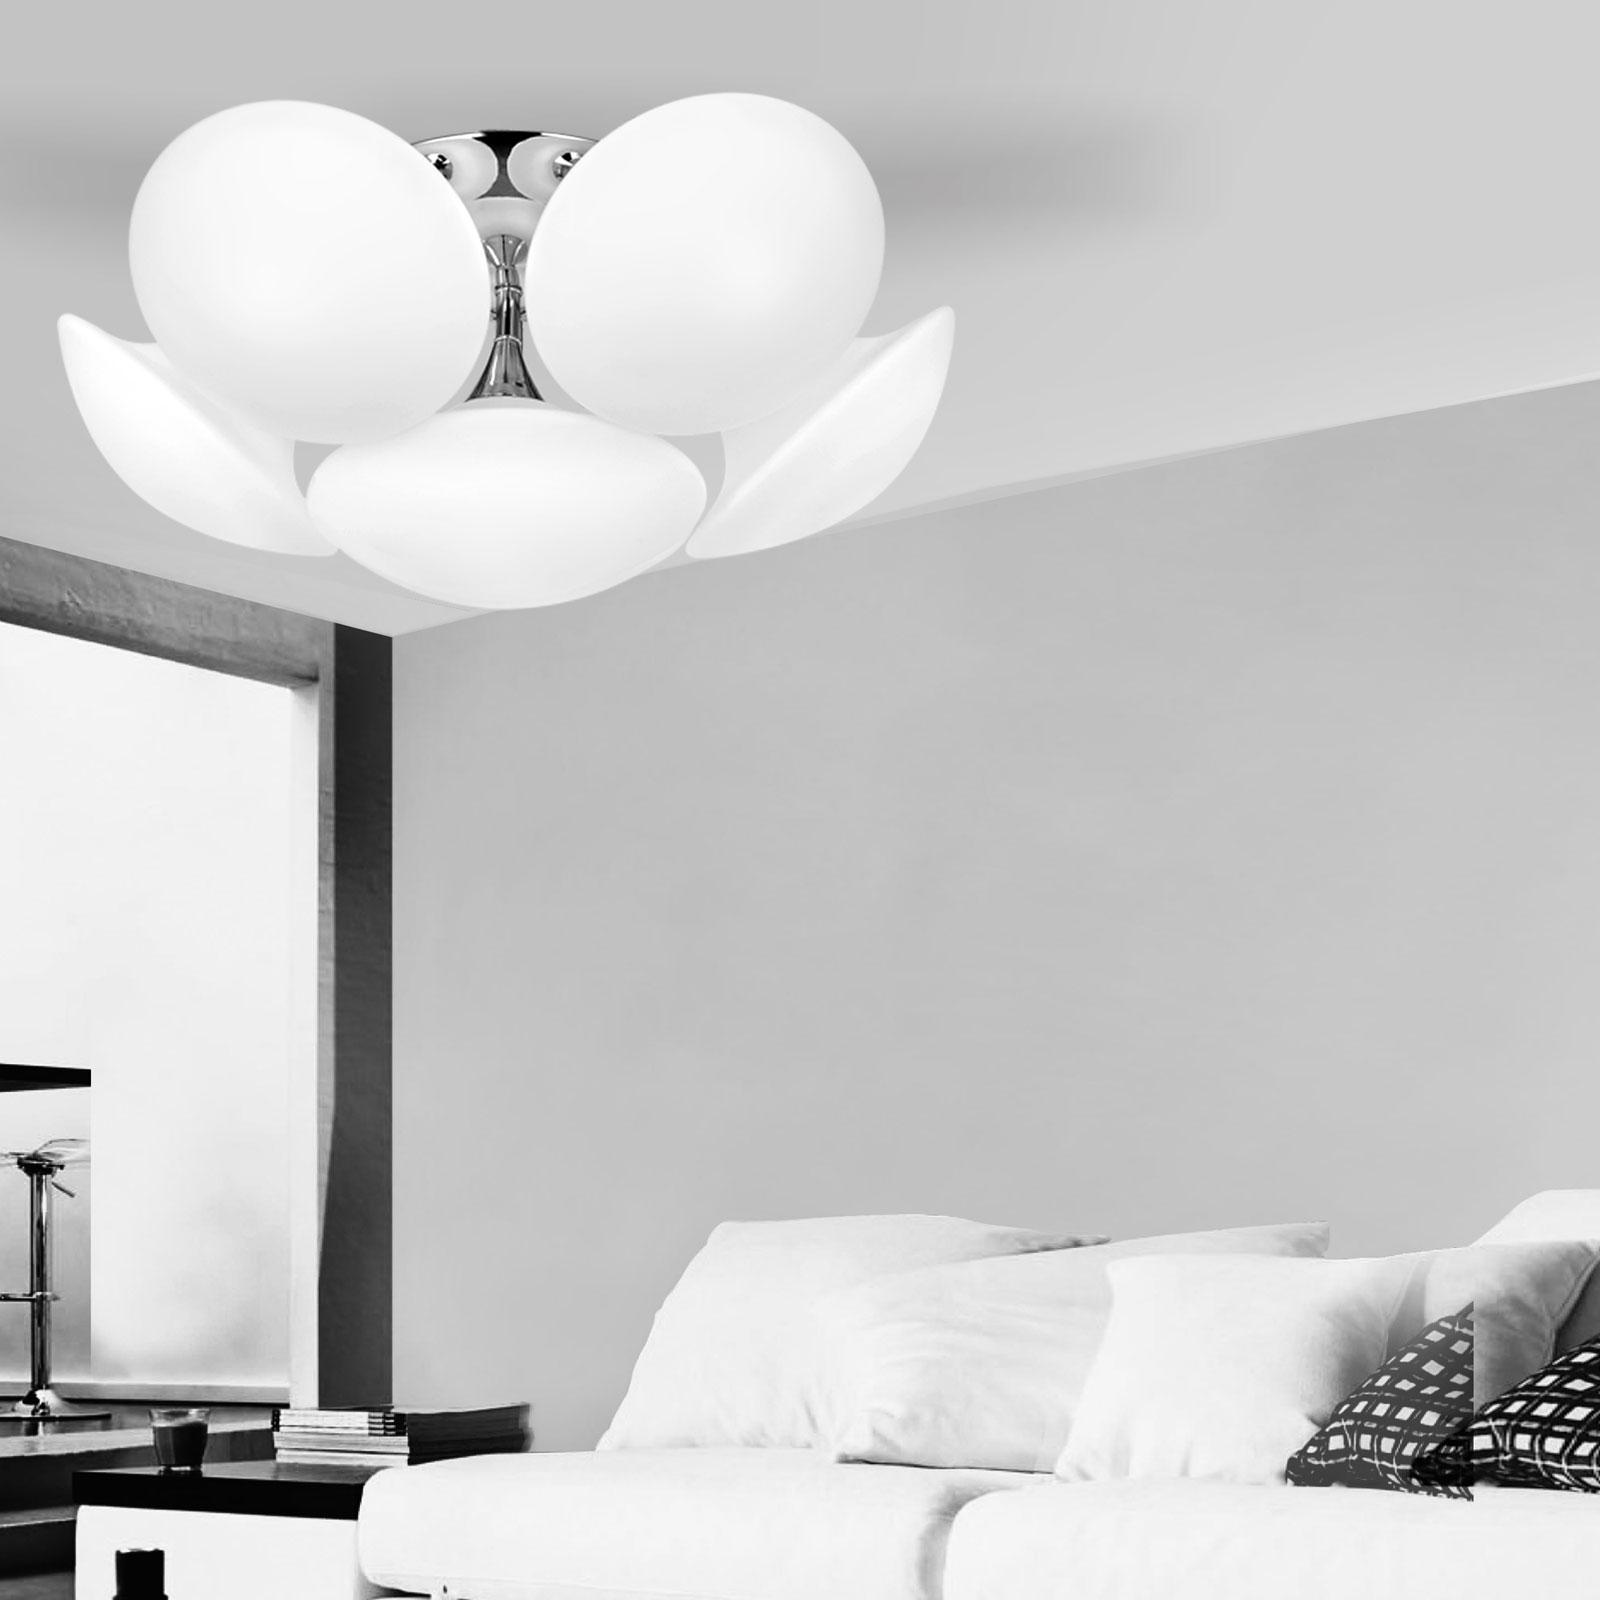 Full Size of Design Led Deckenlampe 6 Falmmig Deckenleuchte Wohnzimmer Glas Tapete Spielgeräte Für Den Garten Liege Sofa Esszimmer Lampen Badezimmer Bilder Xxl Großes Wohnzimmer Lampen Für Wohnzimmer